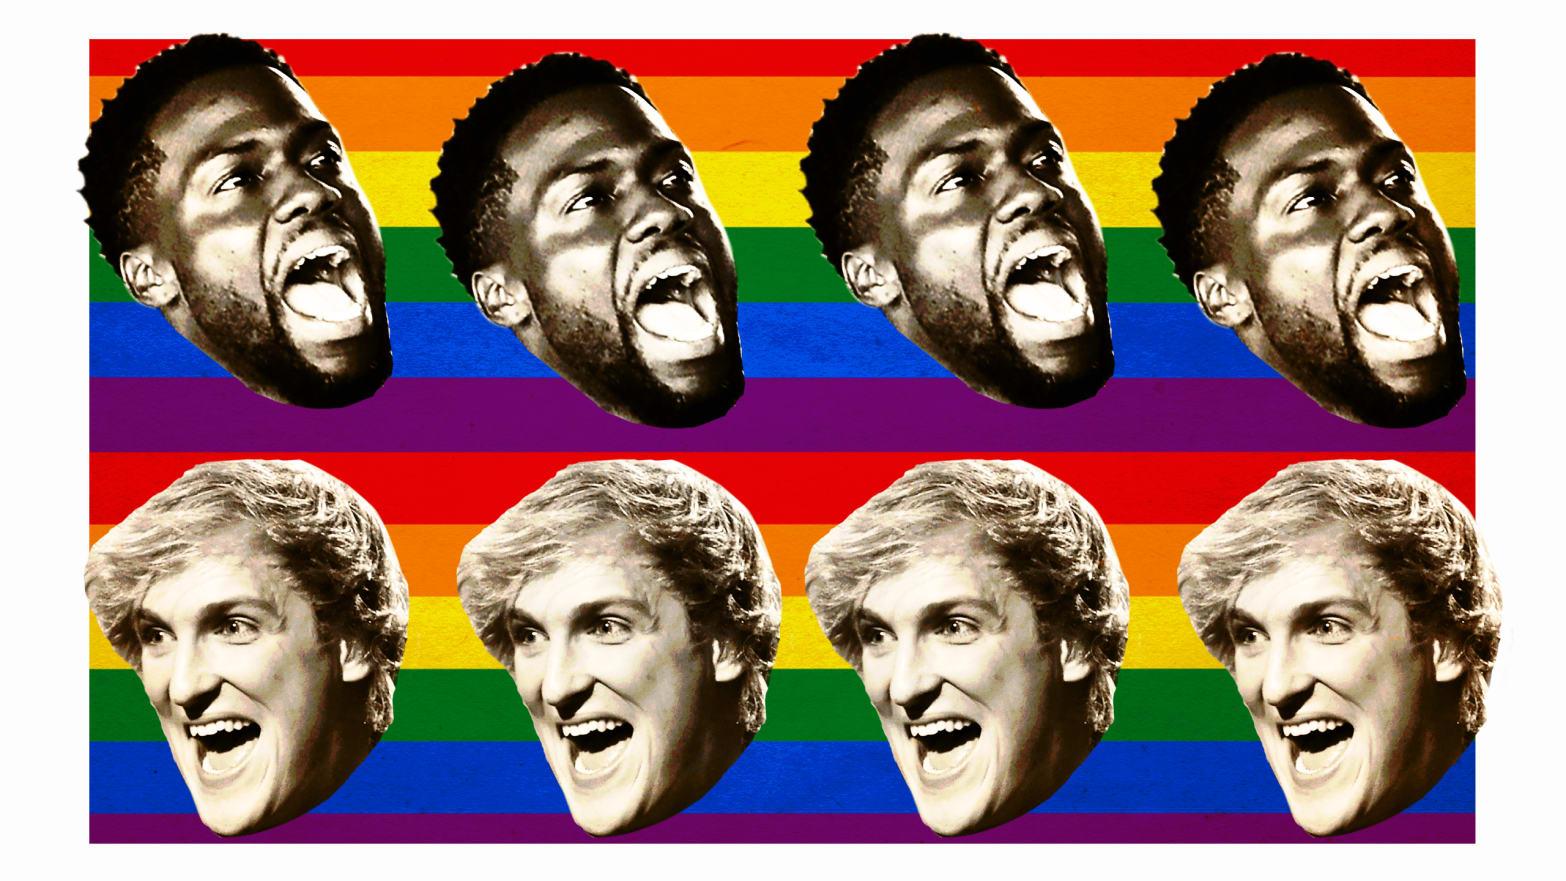 Paul gross interview gay